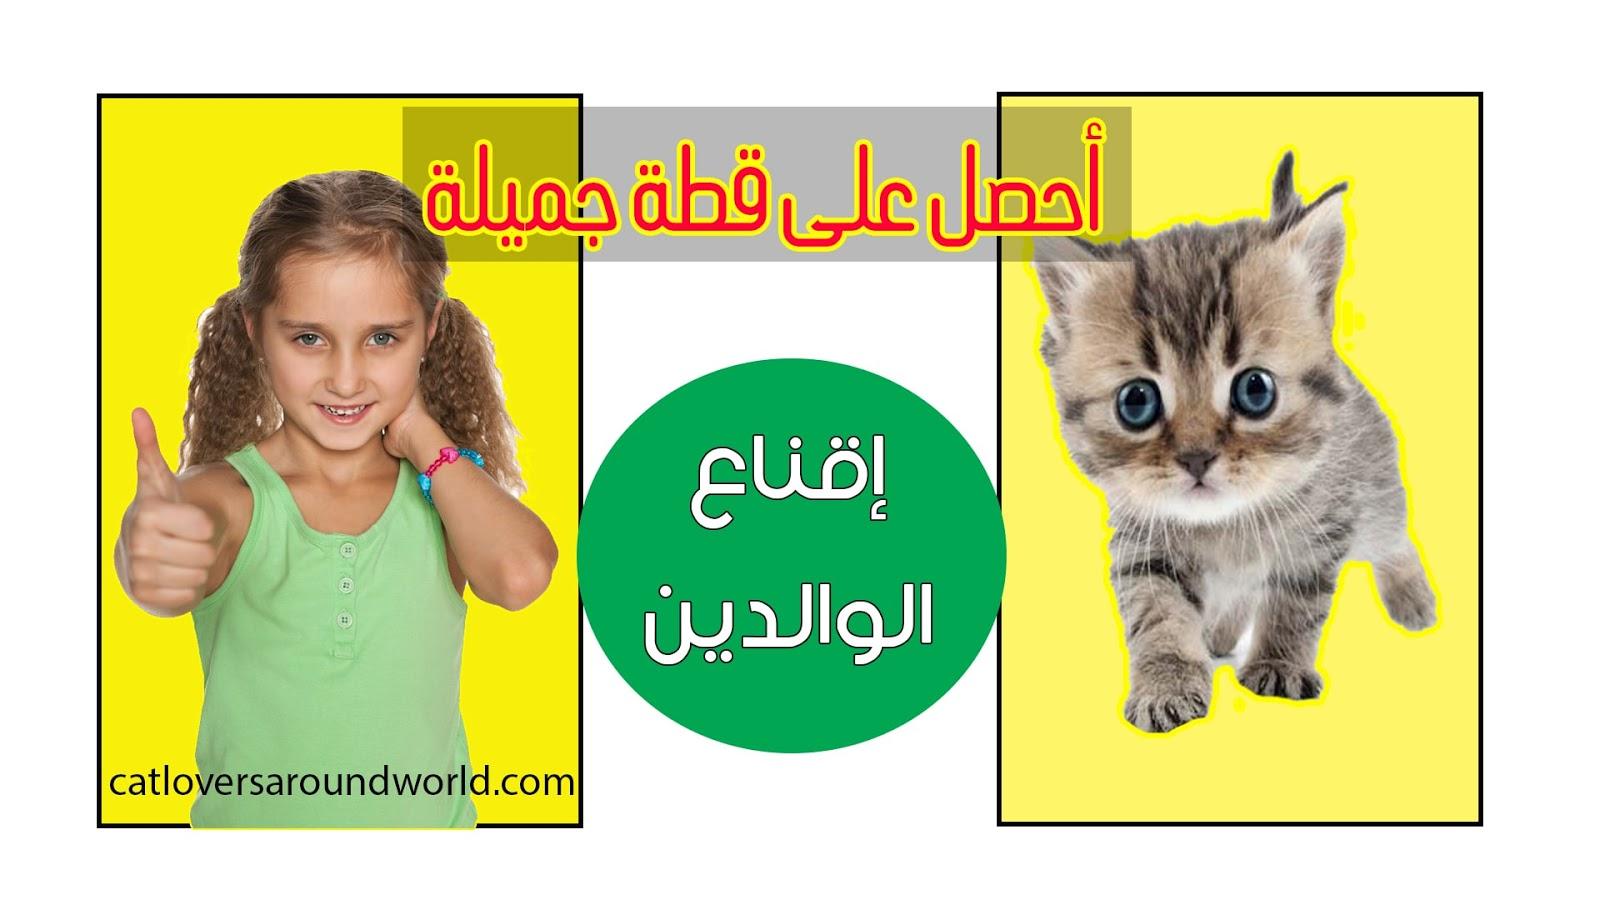 كيف تقنع والديك بشراء قطة ؟ إقناع الأهل بطرق مجربة